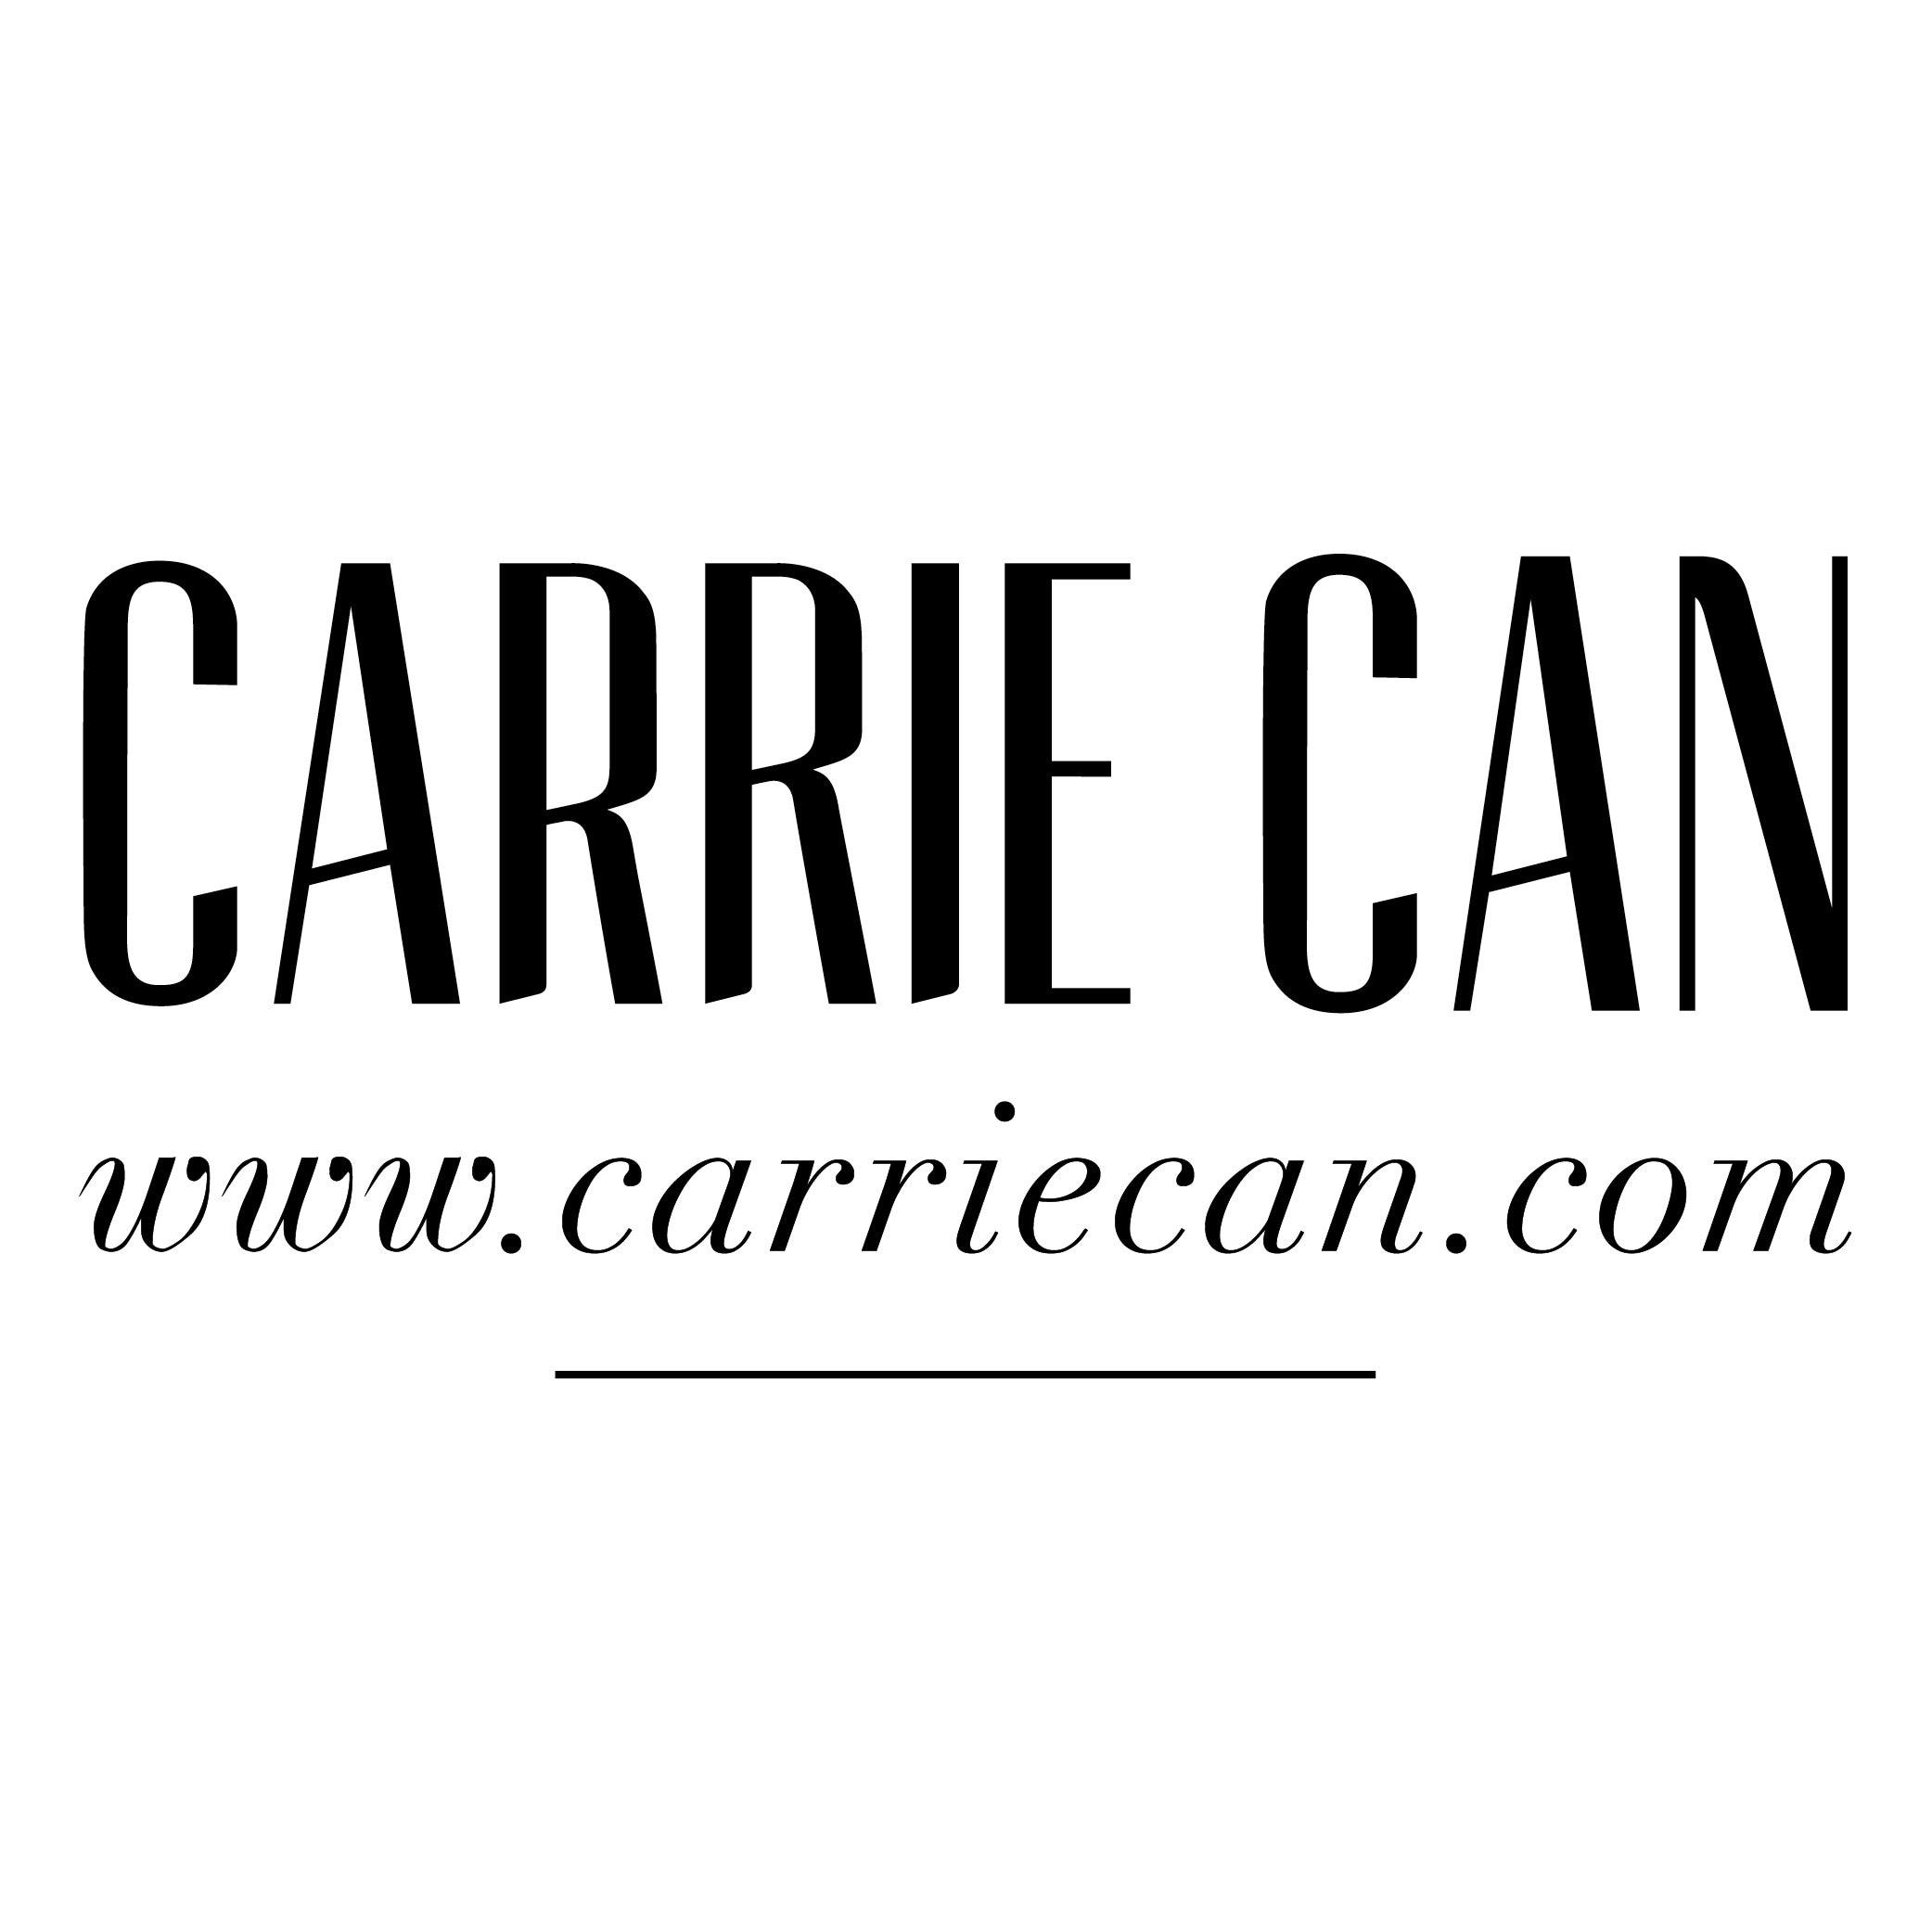 CarrieCan